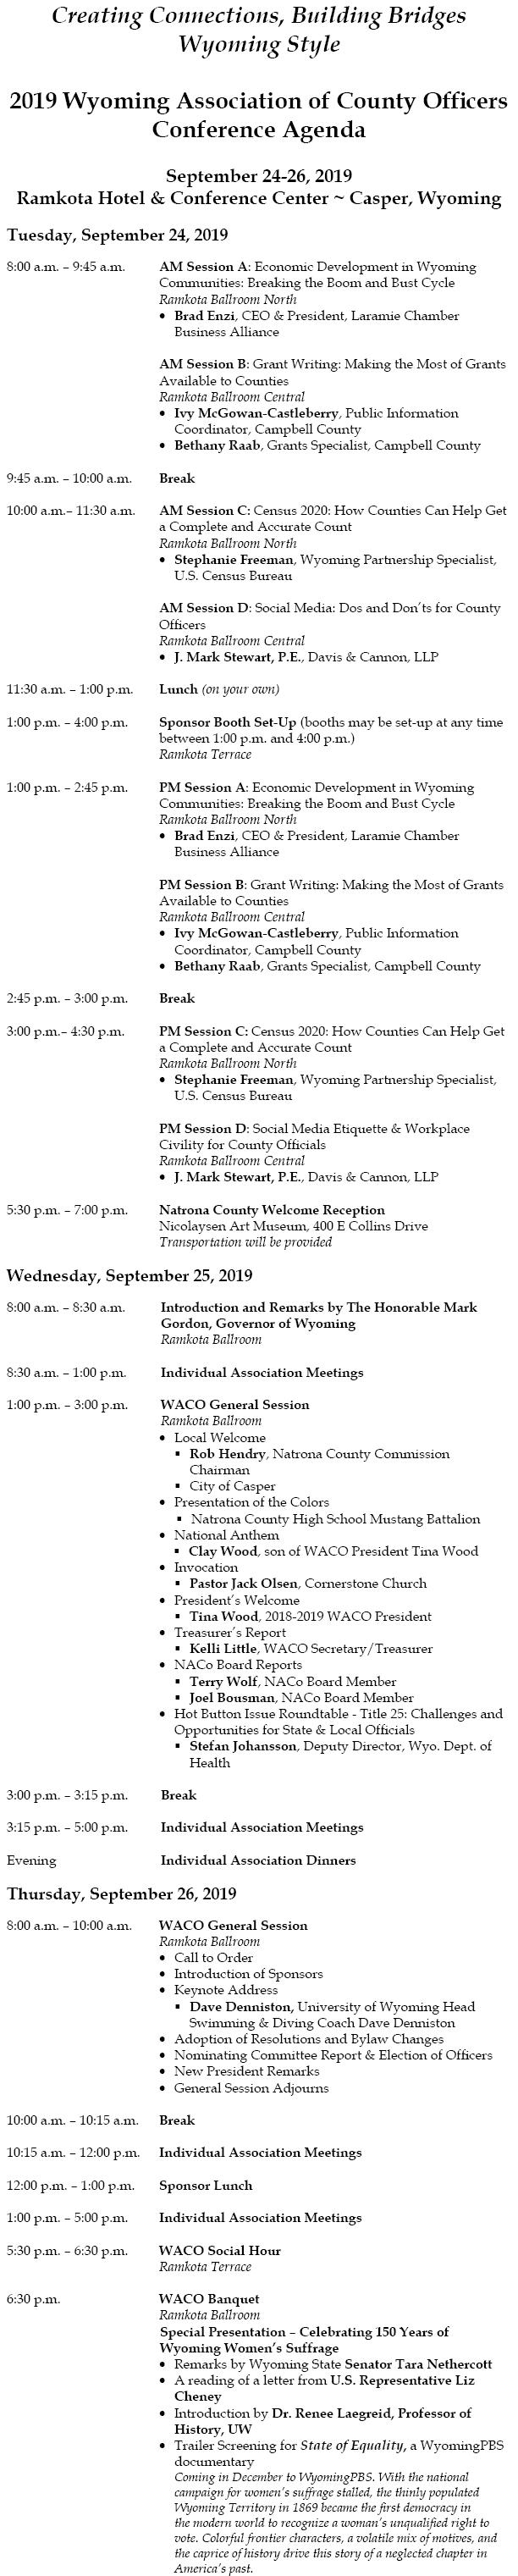 WEB Agenda